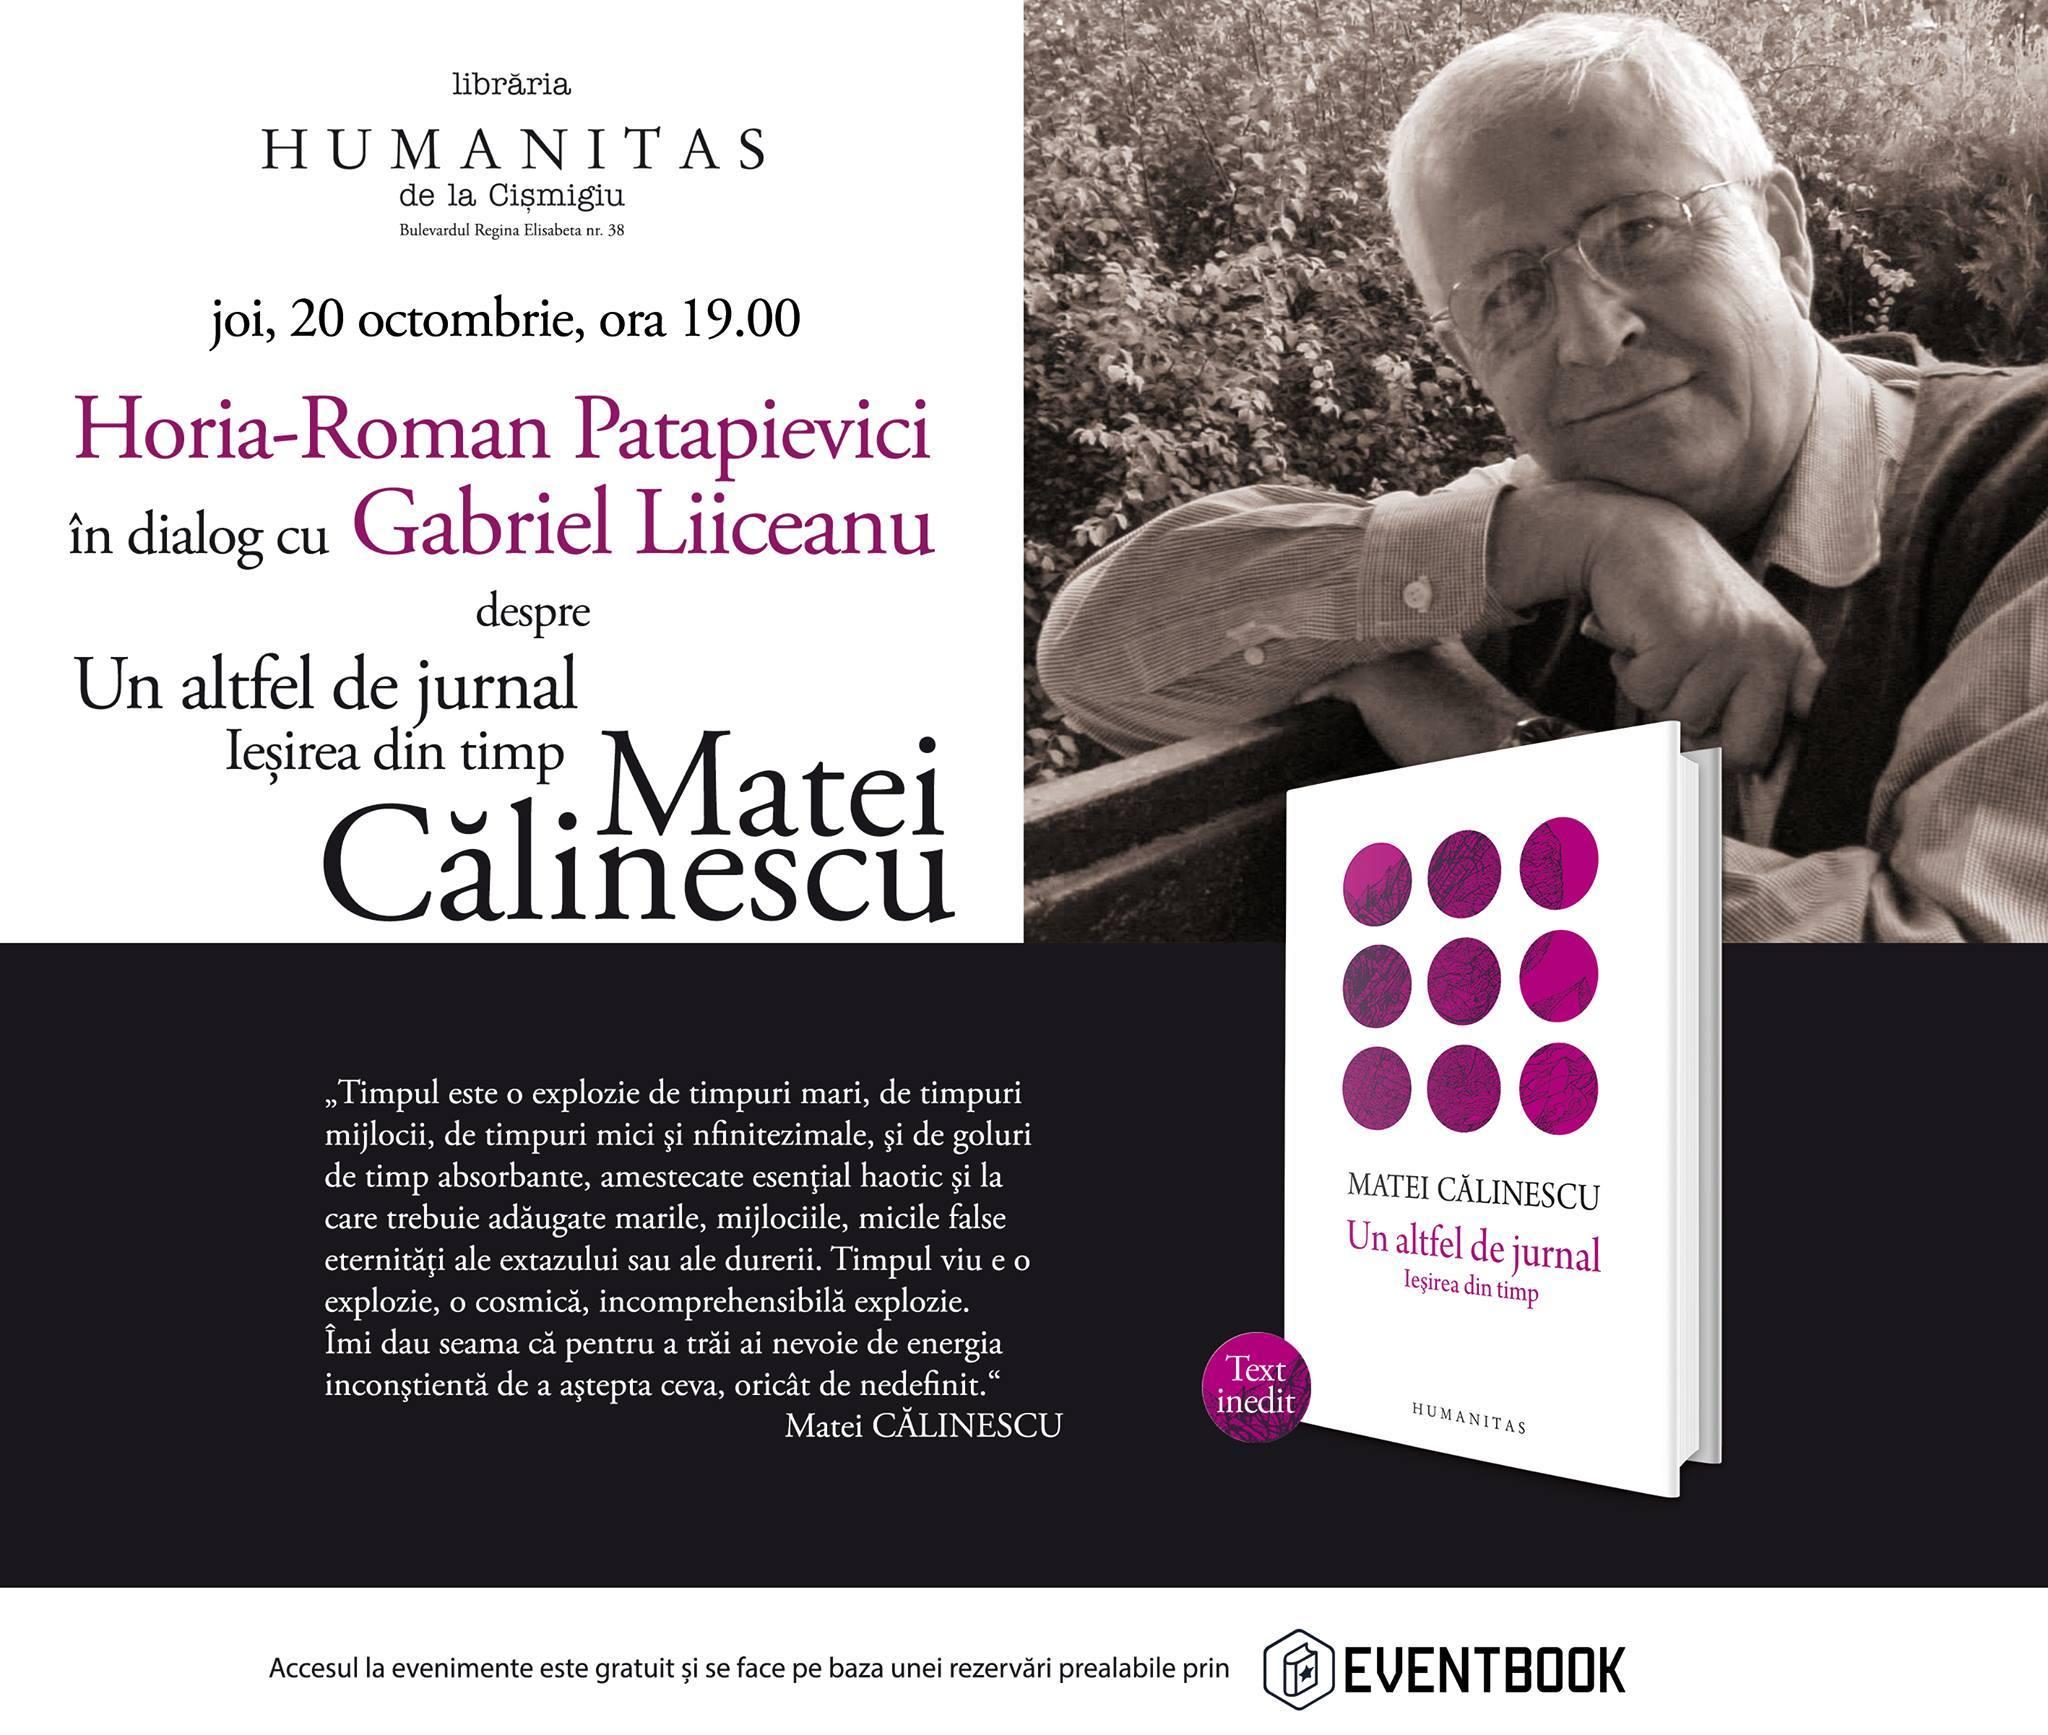 Horia-Roman Patapievici în dialog Gabriel Liiceanu